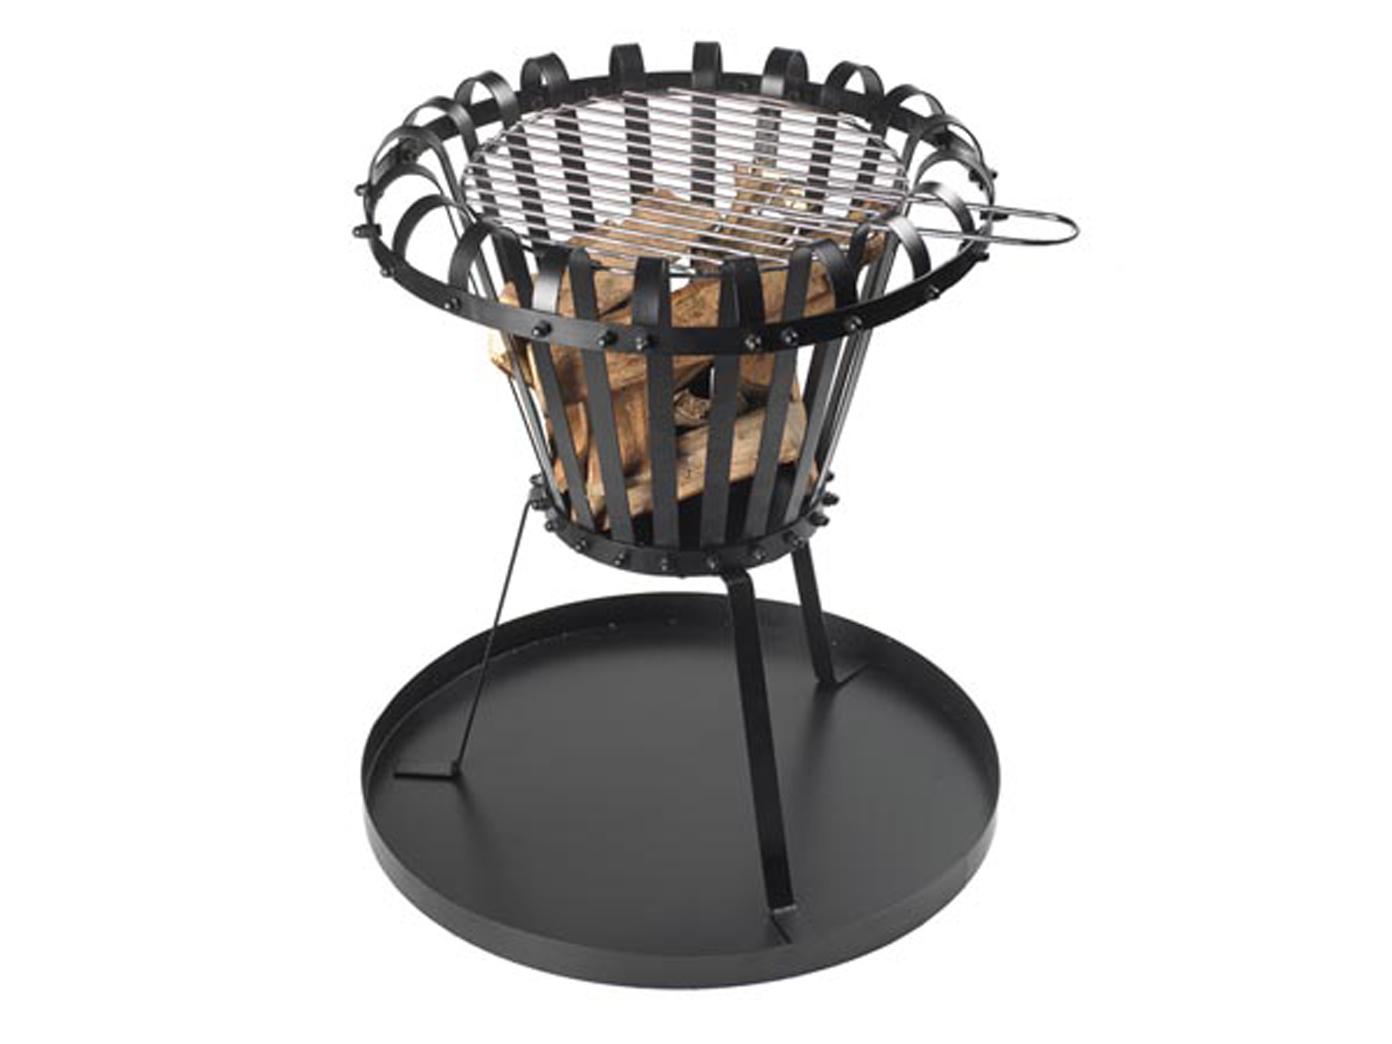 schwarzer runder feuerkorb mit grillrost & bodenplatte Ø 50cm